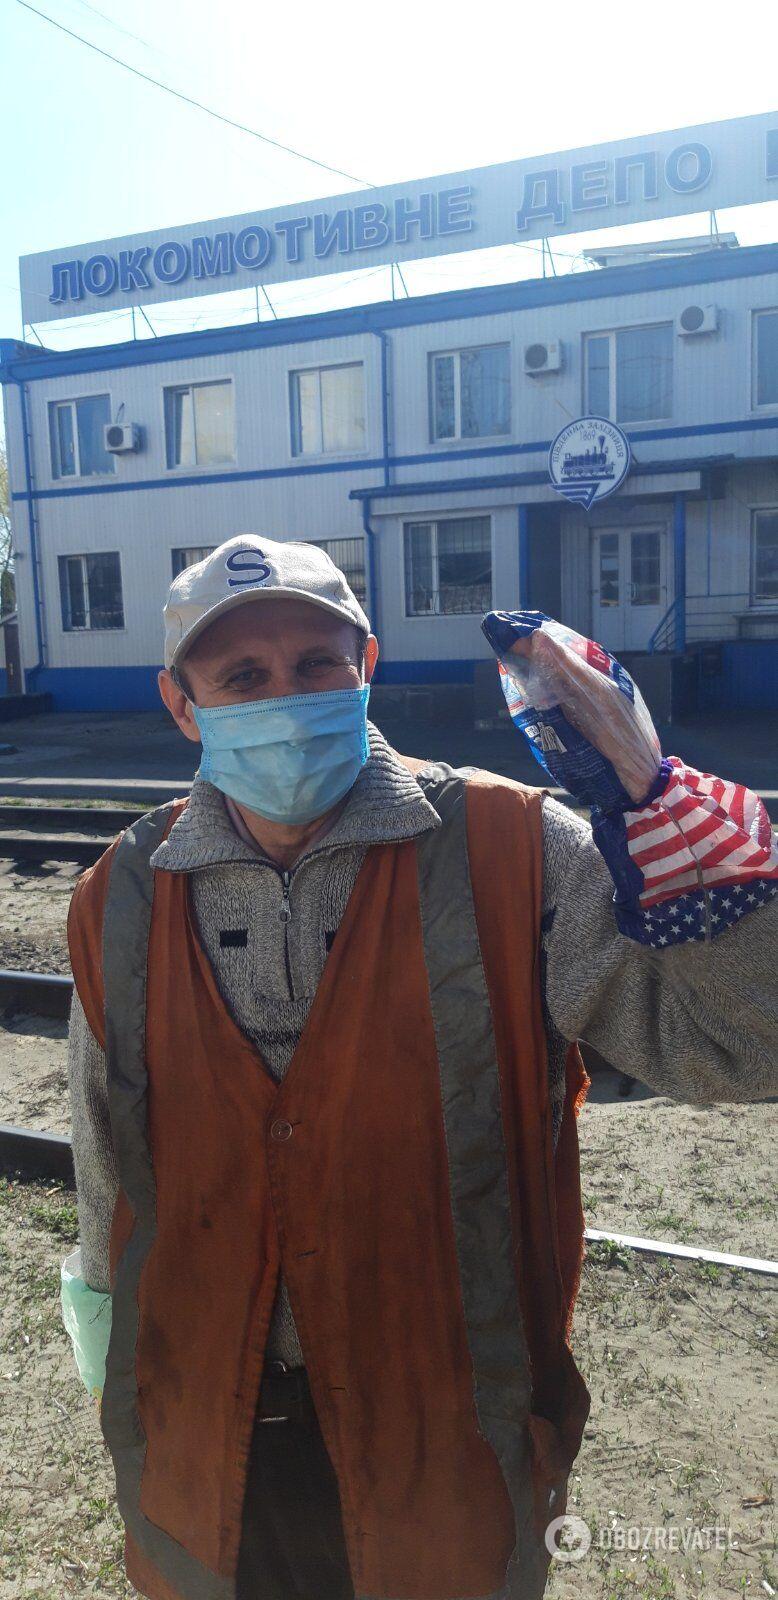 Так железнодорожники шутят - вместо резиновых перчаток, которых нет, одевают на руки пластиковые пакеты